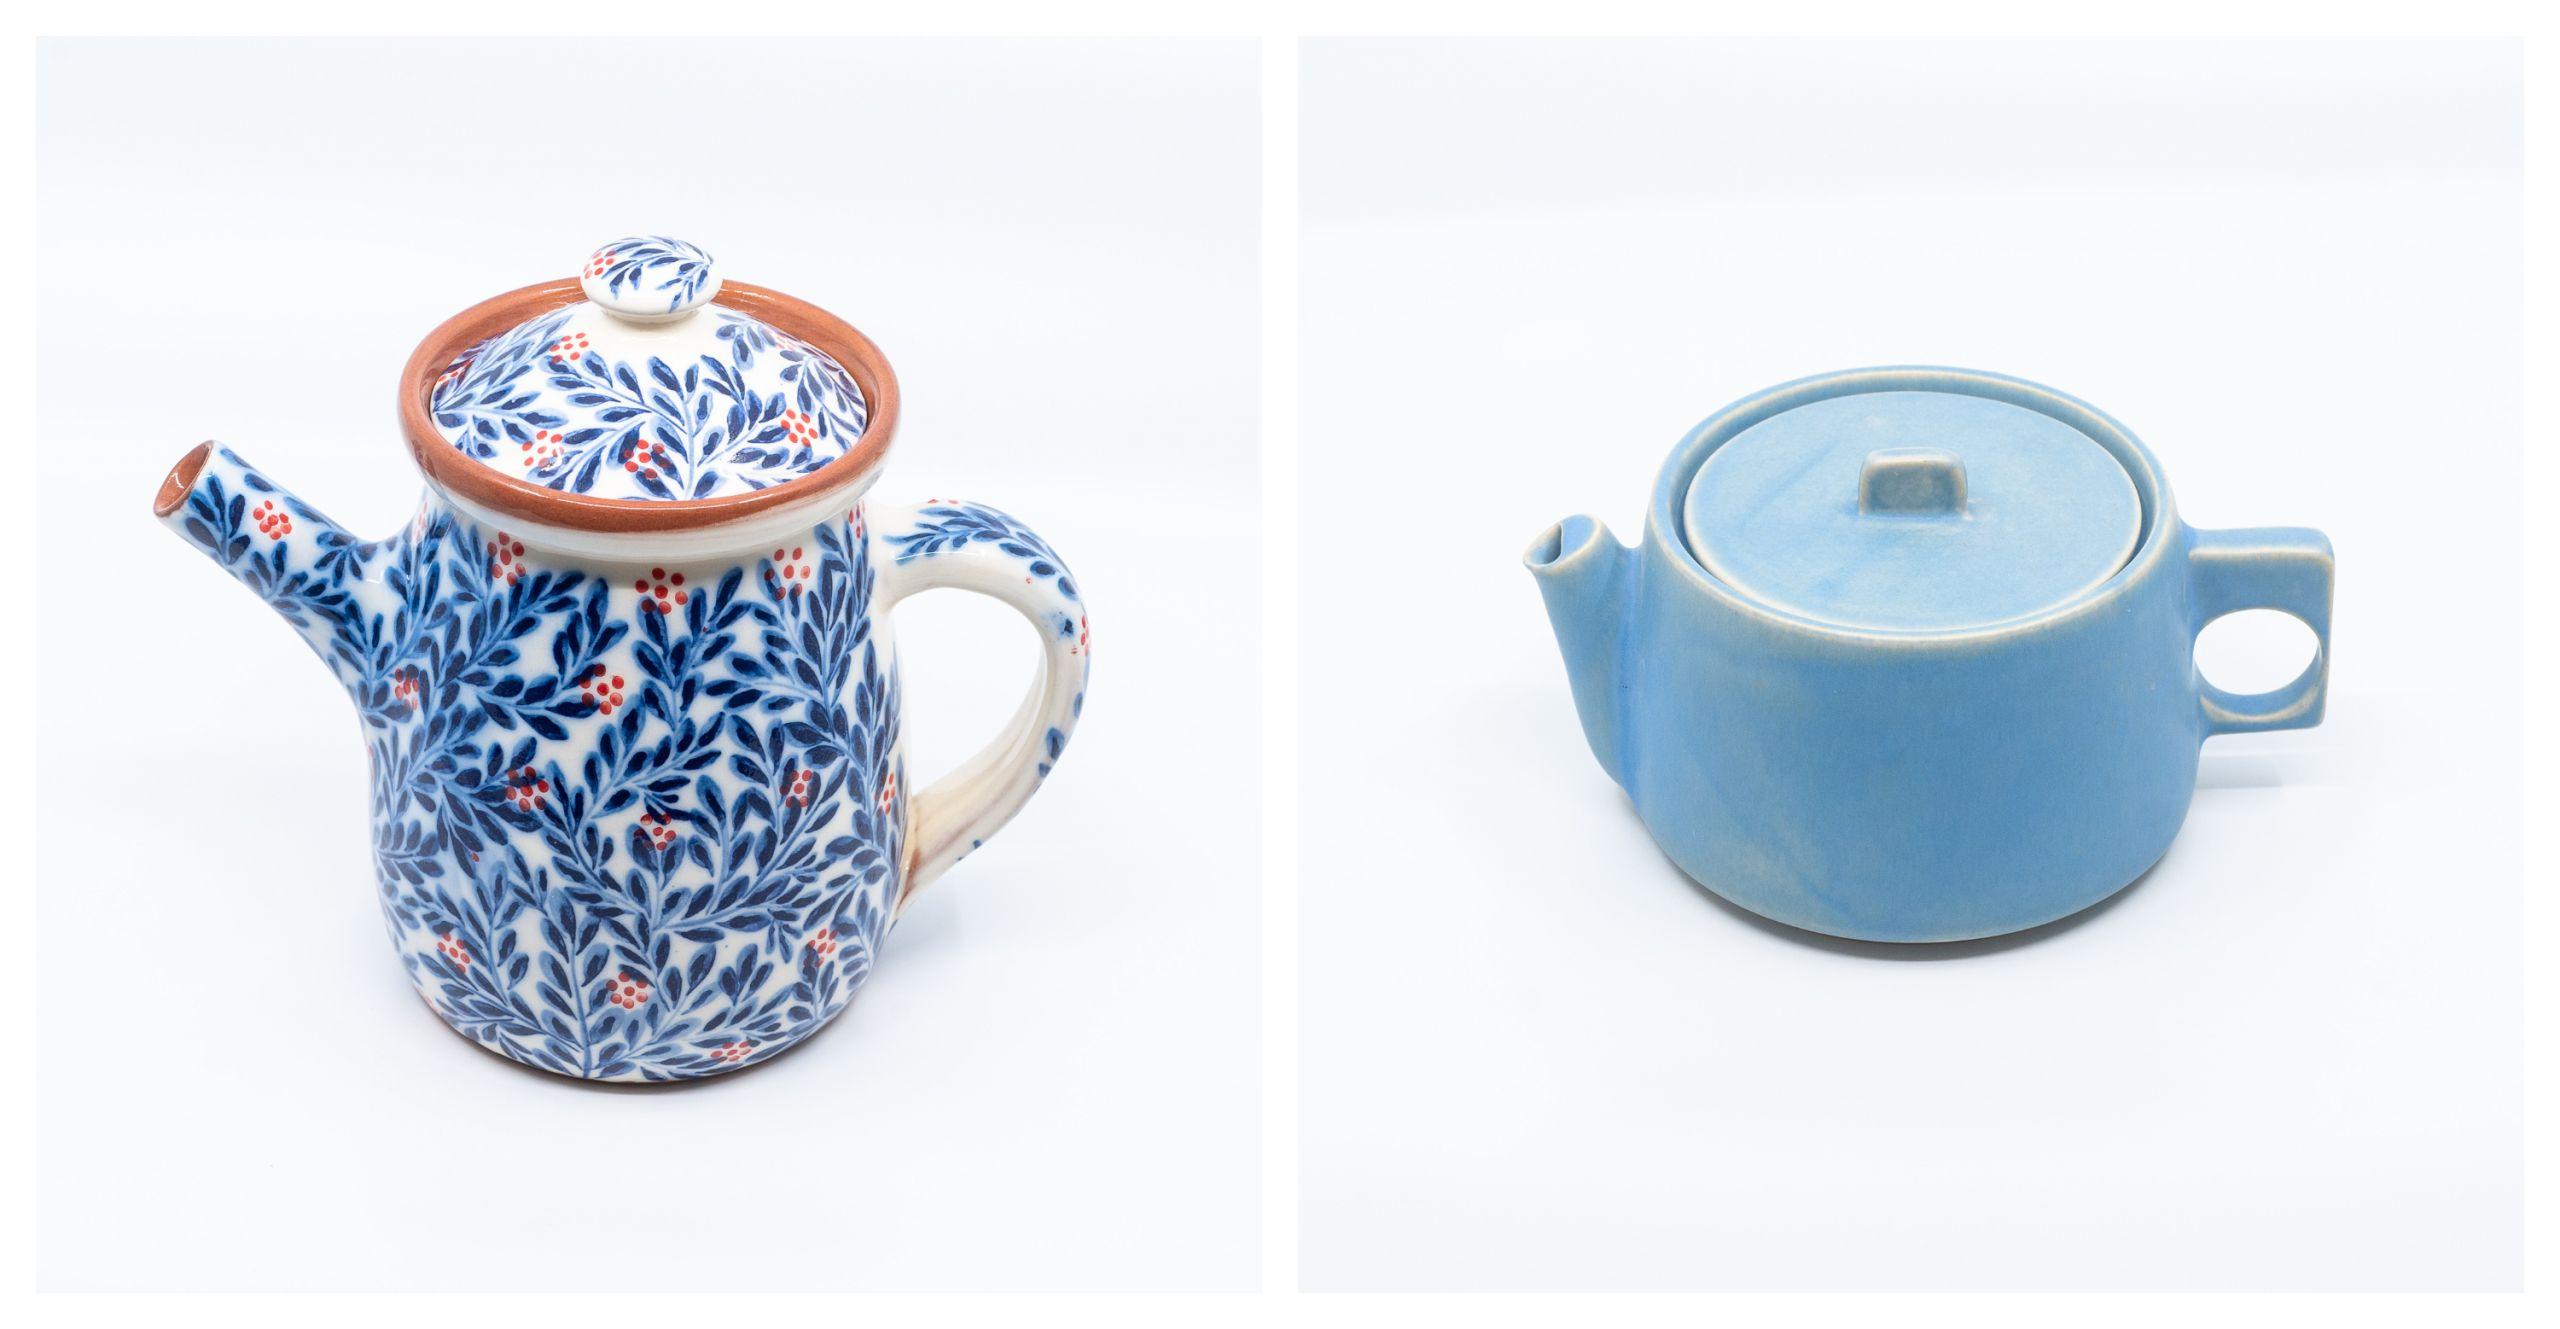 Τσάι στο Αιγαίο: Έκθεση κεραμεικών τσαγιερών στη Σύρο